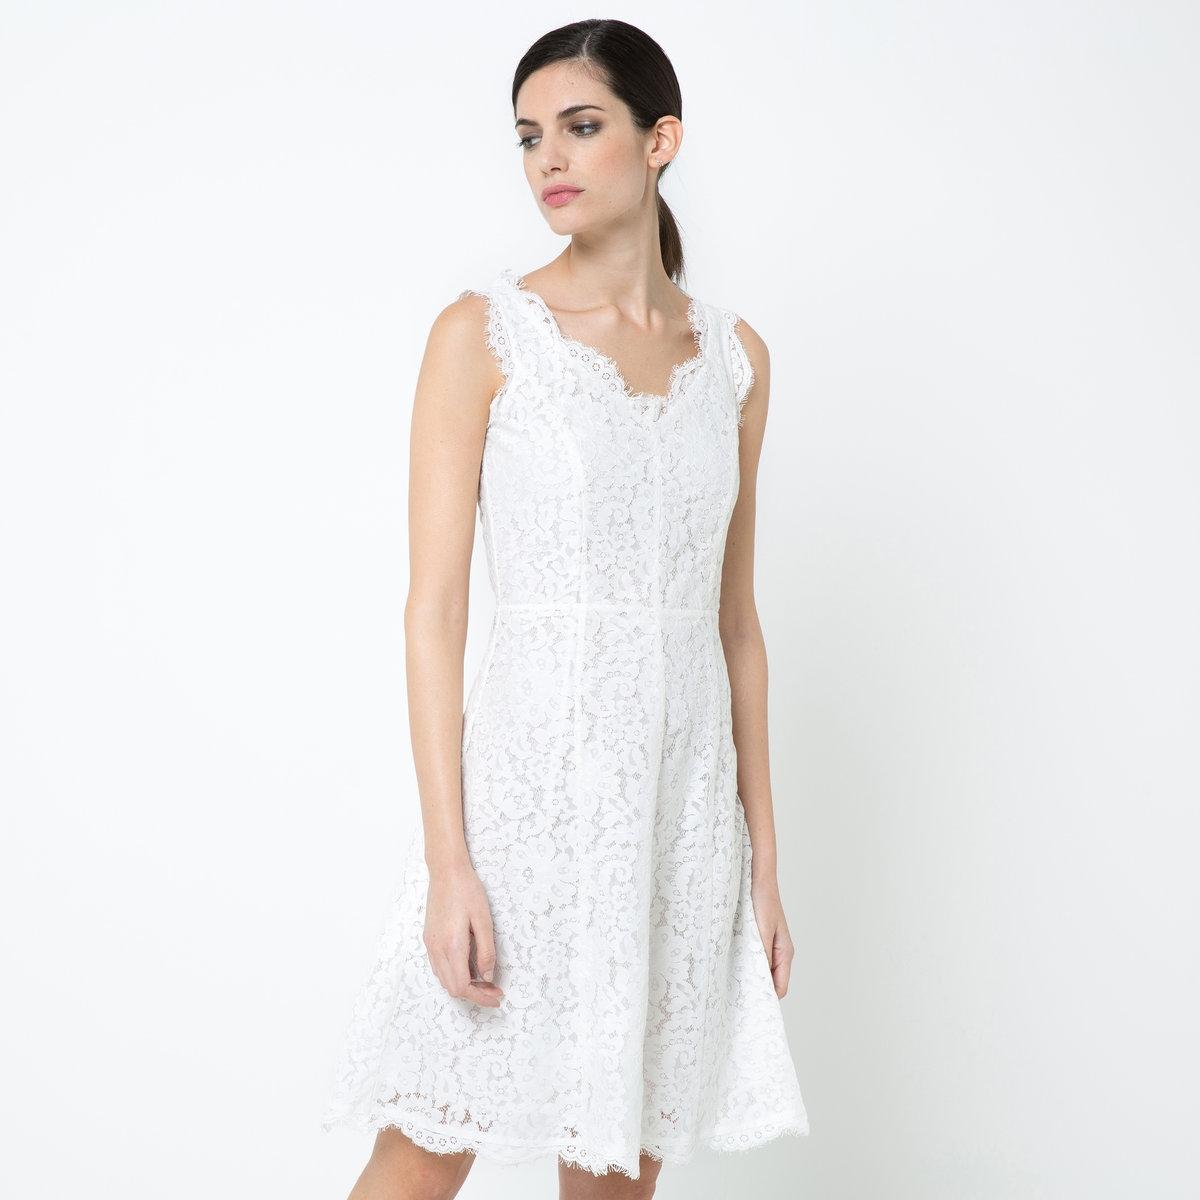 Платье кружевноеКружевное платье из 60% полиамида, 40% хлопка. V-образный вырез. Волнистые края выреза и низа. Отрезное по талии. Юбка-годе. Застежка на скрытую молнию сбоку. Подкладка из полиэстерового крепа. Длина: 95 см.<br><br>Цвет: экрю<br>Размер: 34 (FR) - 40 (RUS).36 (FR) - 42 (RUS)